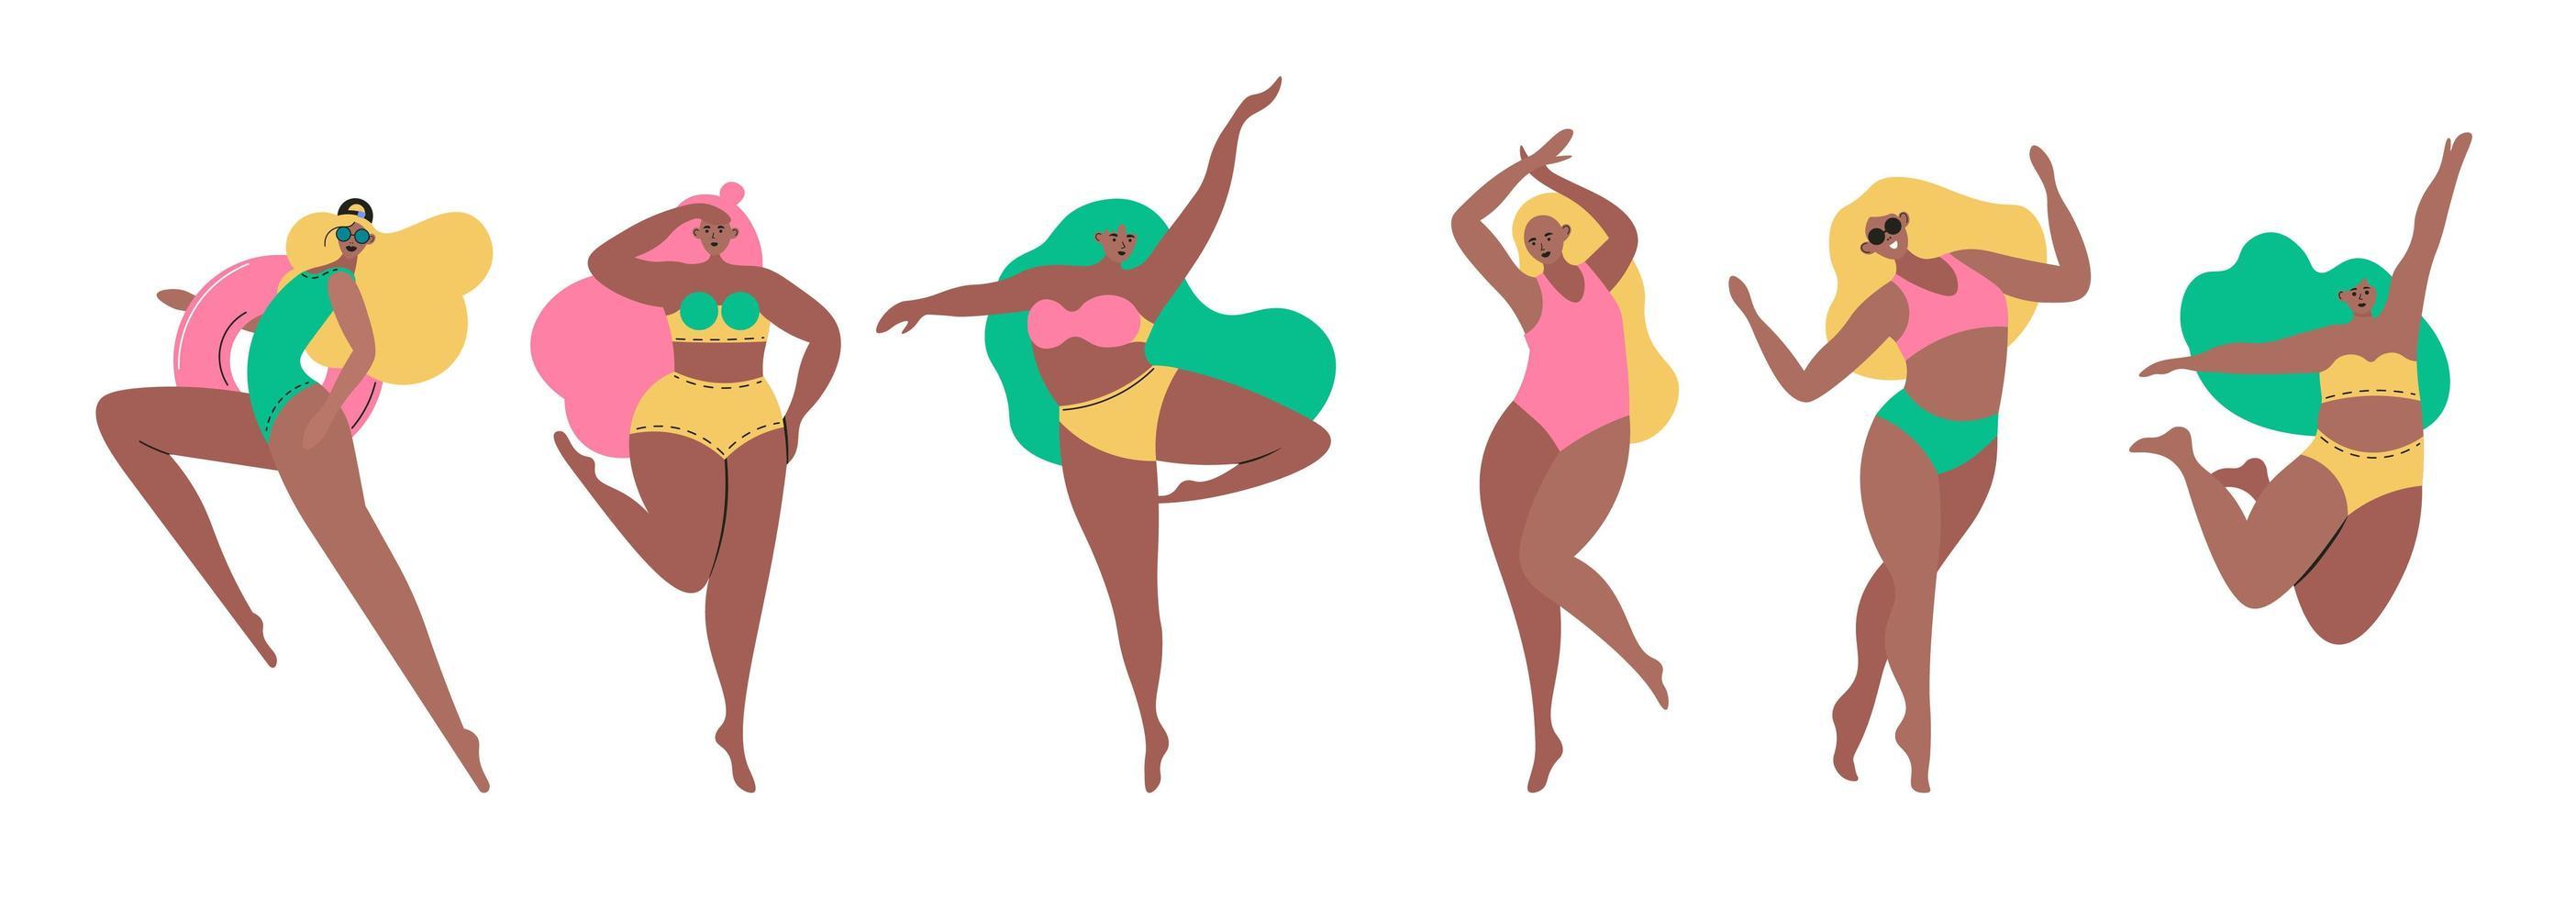 uppsättning av unga kvinnor klädda i baddräkter vektor